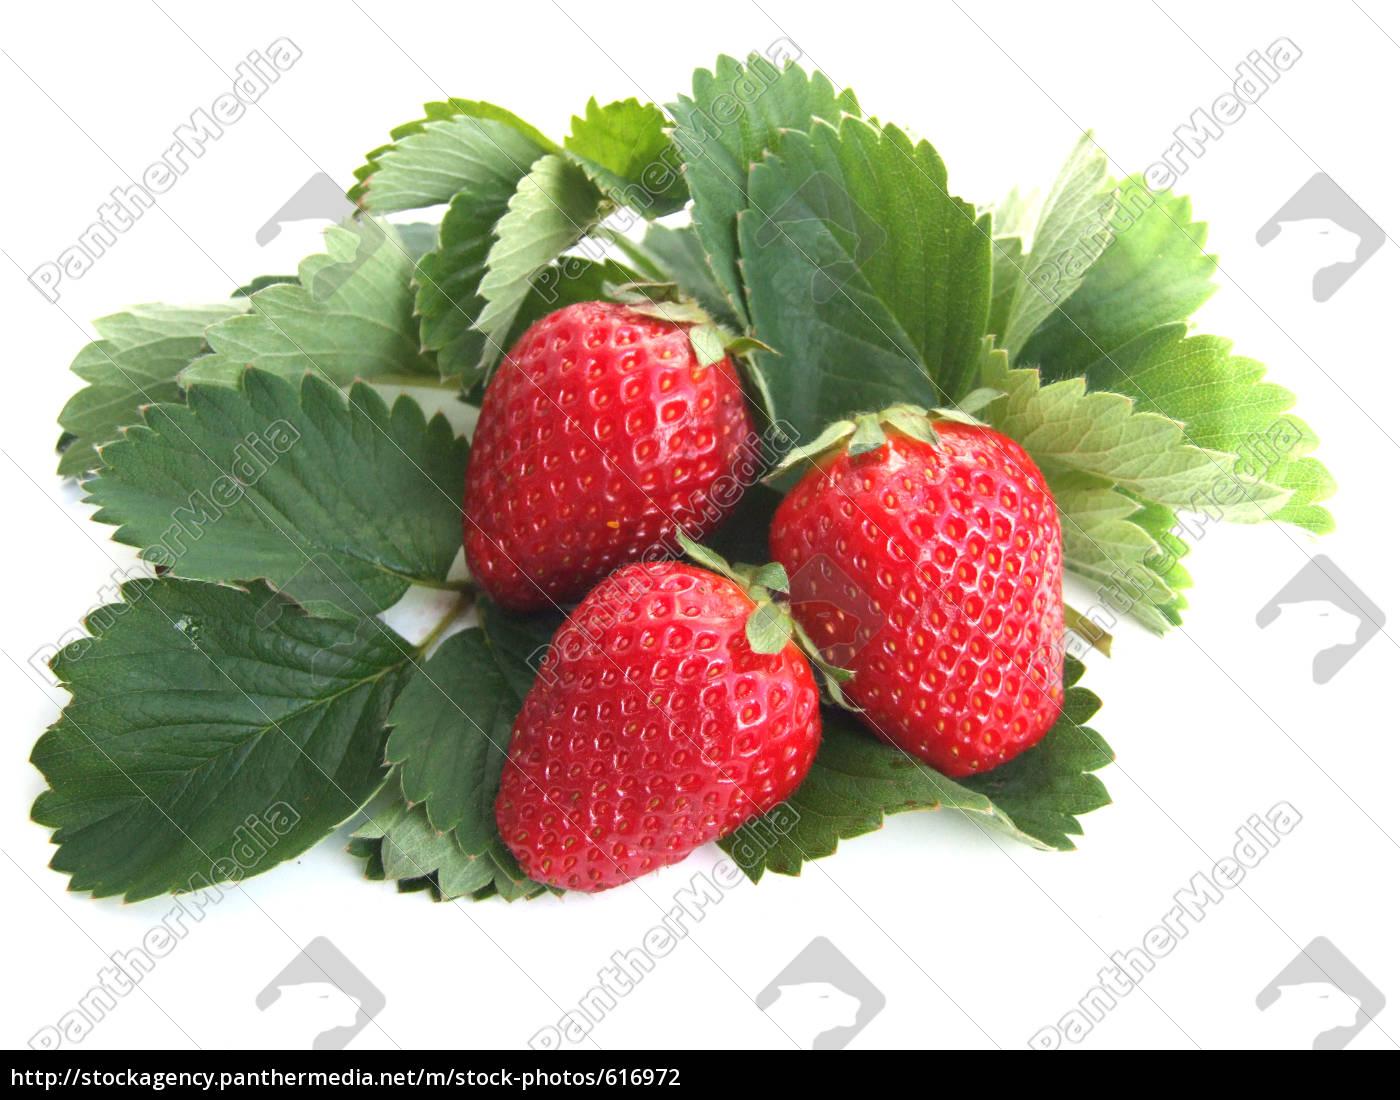 strawberries - 616972